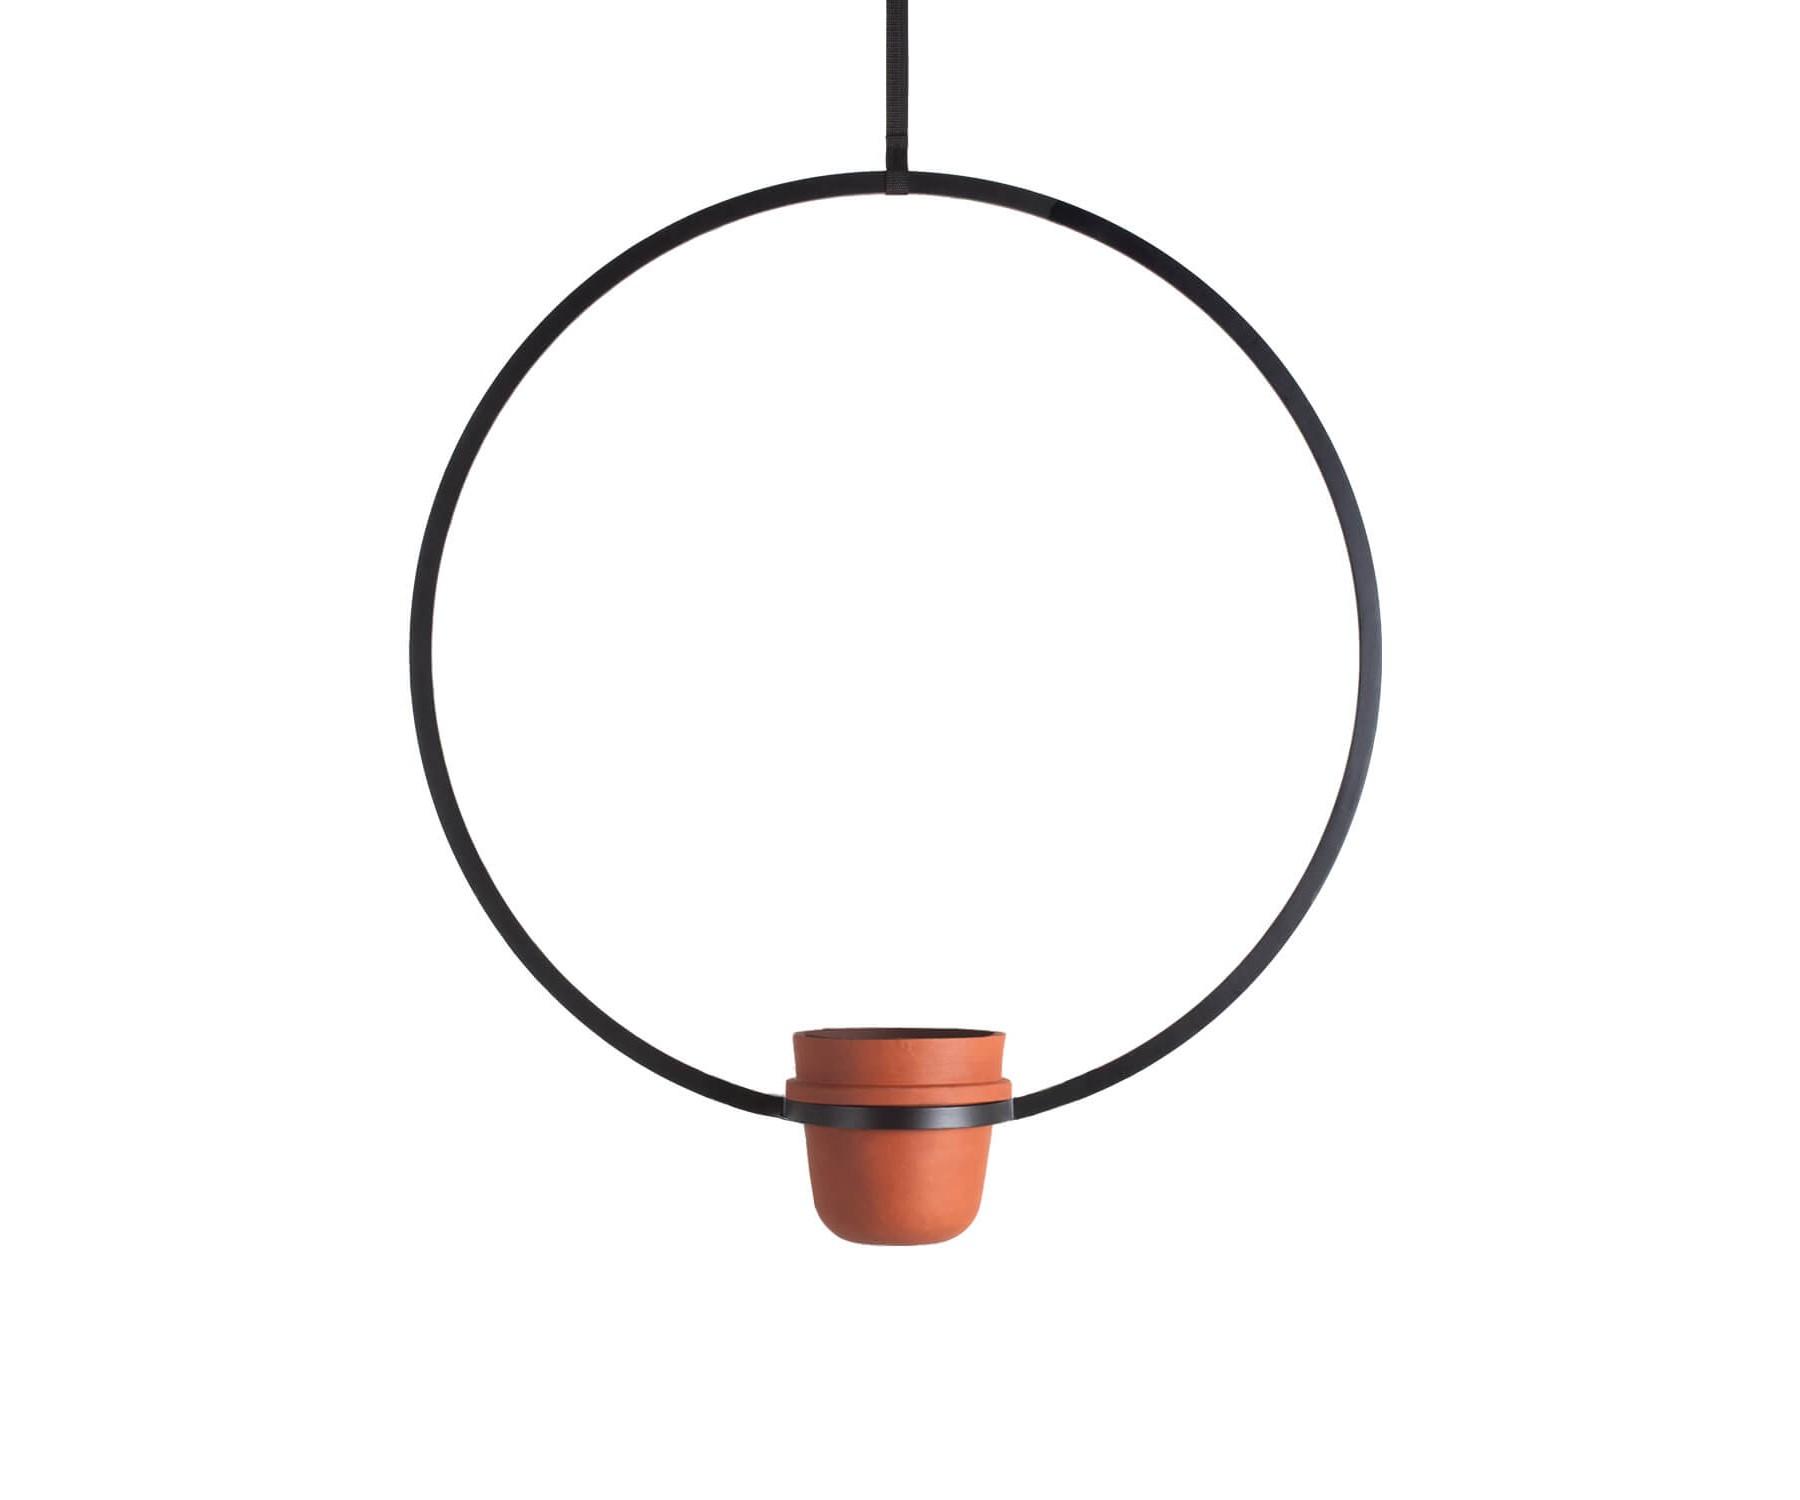 Подвесное кашпо Kuiper BeltКашпо и подставки для дачи и сада<br>Серия подвесных кашпо с оригинальными графичными формами поможет не только разместить в доме растения, но и добавить в интерьер яркий акцент. 6 различных форм можно комбинировать в свободном порядке для создания индивидуальных композиций или использовать одну модель как центральный объект, вокруг которого разворачивается интерьер. Подвесная конструкция экономит полезное место на поверхностях. Керамические горшки являются съемными, что обеспечивает удобство в уходе за цветами.<br><br>Material: Металл<br>Ширина см: 84<br>Высота см: 95<br>Глубина см: 20